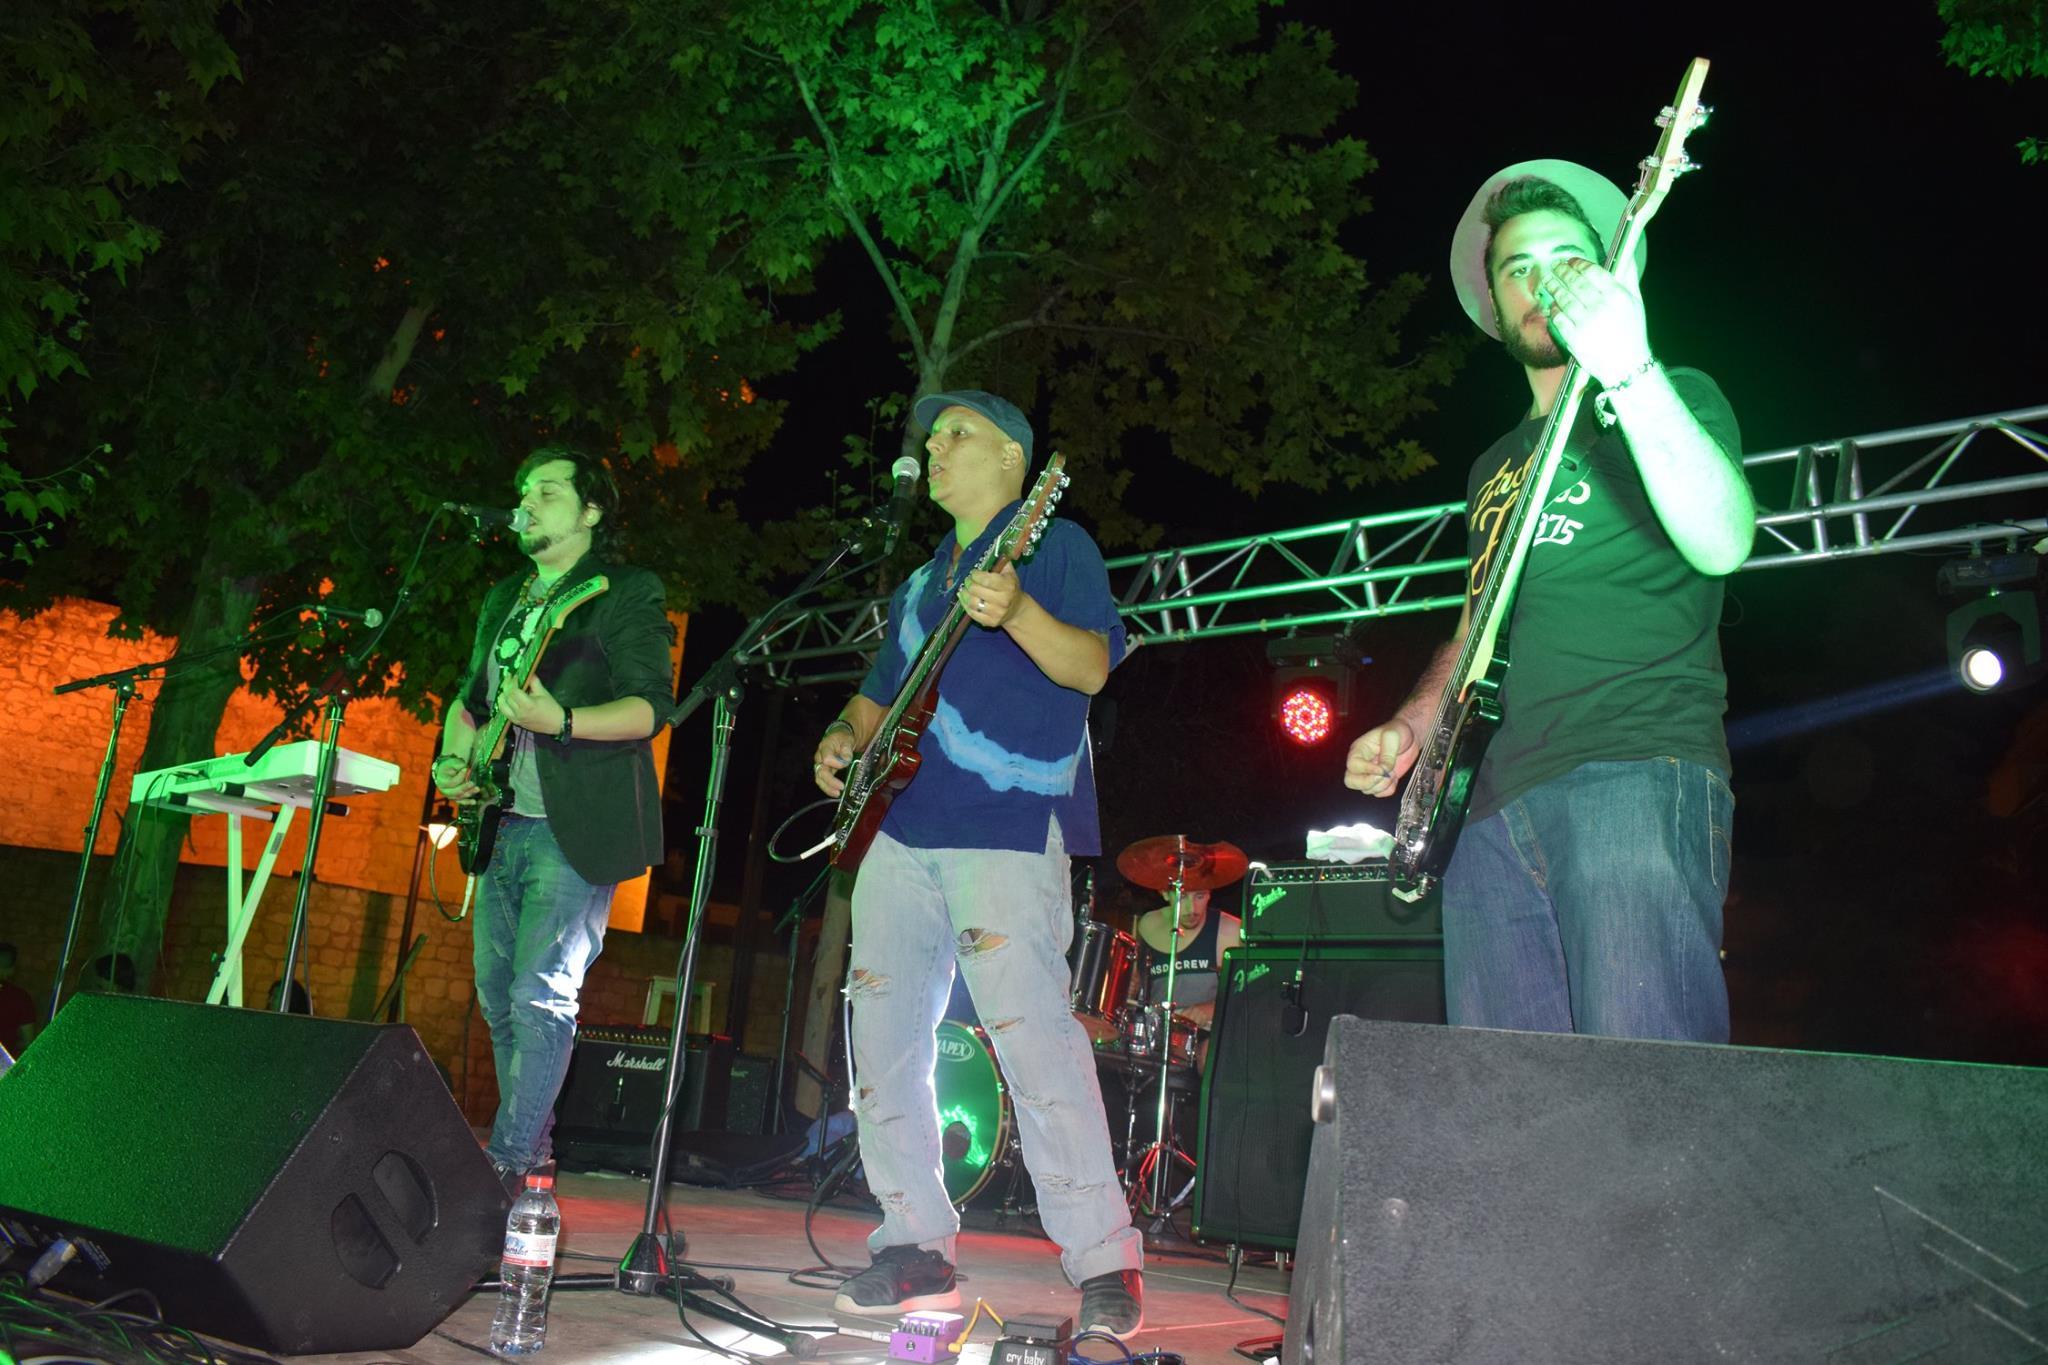 """Gran éxito del Concurso de grupos de música amateur """"Lucena Sound"""" celebrado en el Paseo del Coso"""